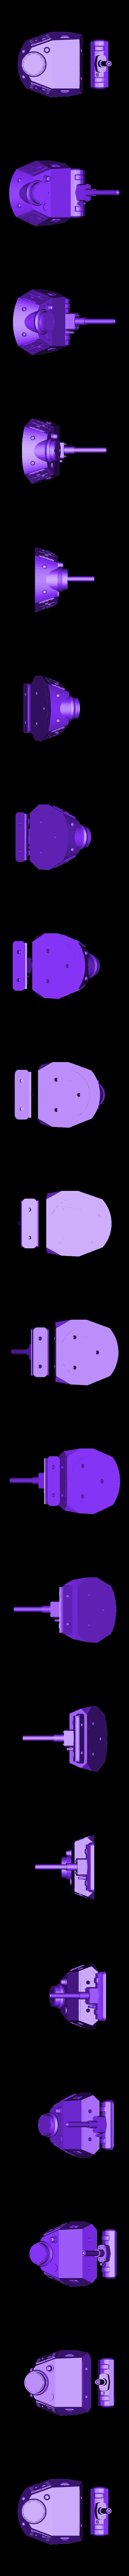 pz3-g-turret.stl Télécharger fichier STL gratuit Panzer 3 G 28mm divisée/modifiée pour faciliter l'impression et le montage • Modèle pour impression 3D, Ziddan